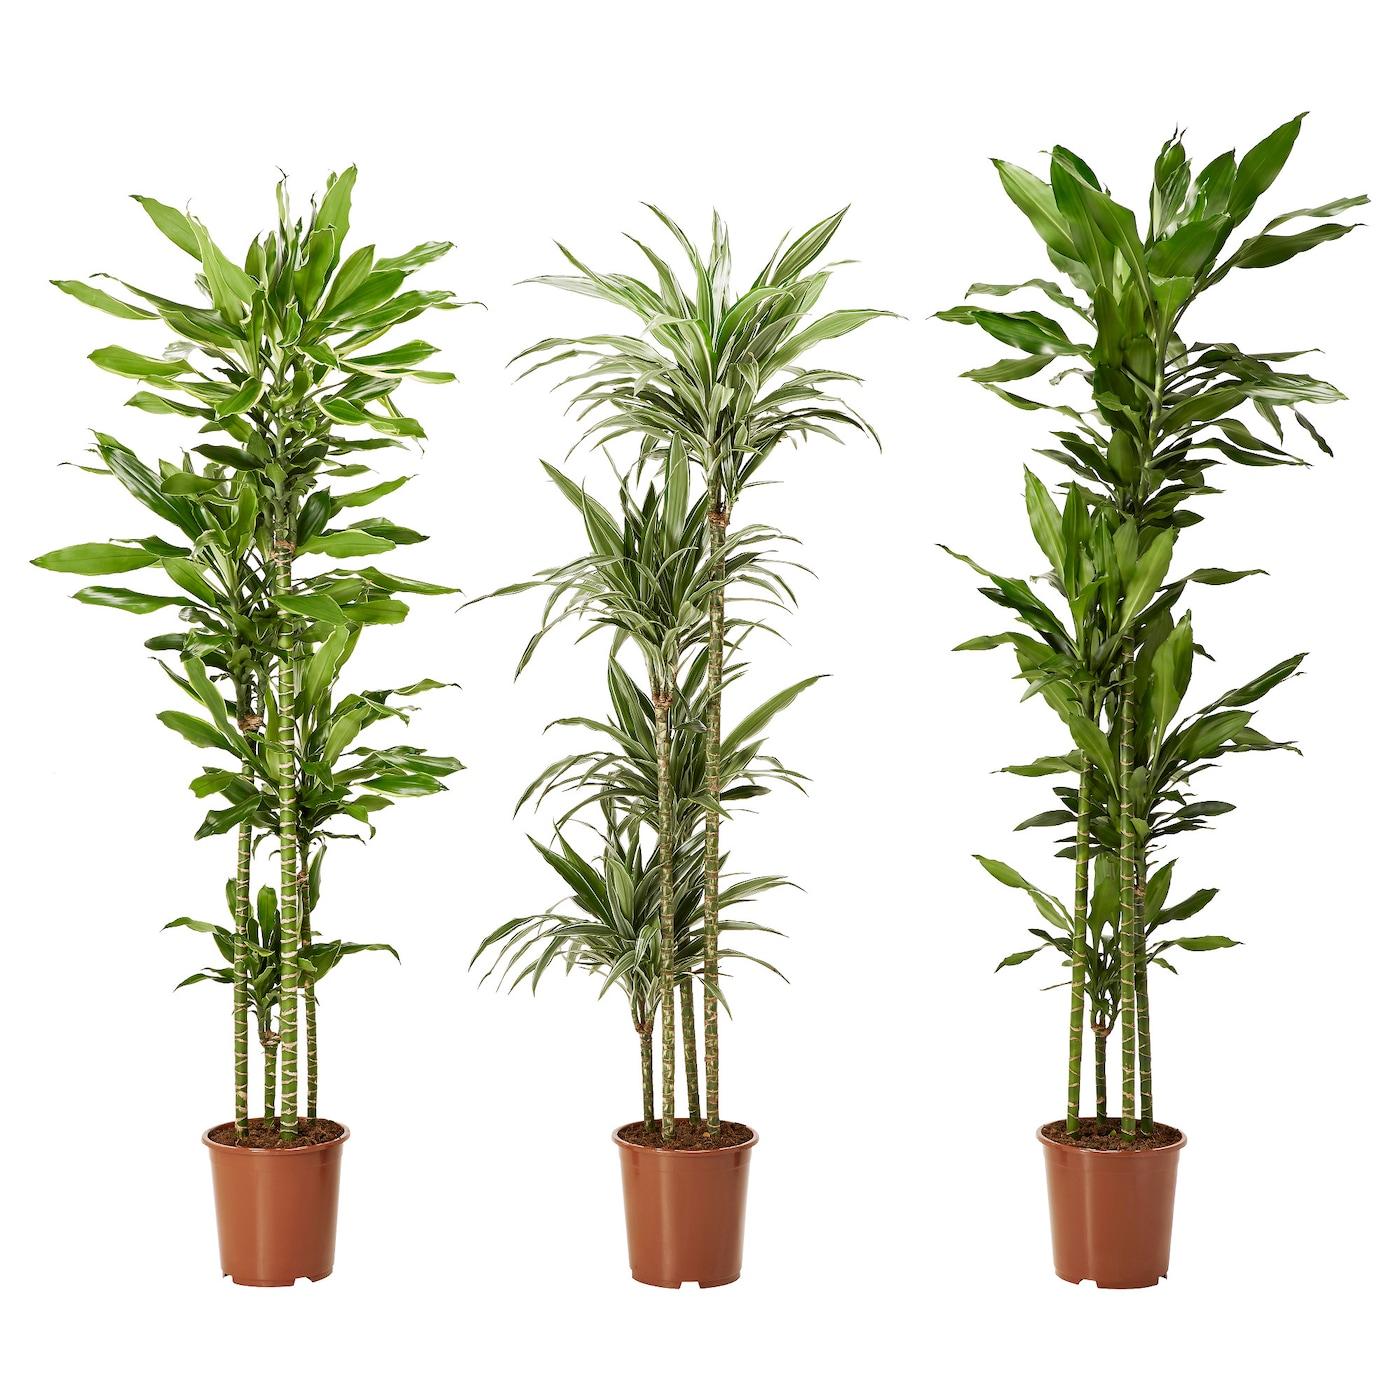 Quelle plante mettre dans un grand pot exterieur free pot for Belle plante exterieur